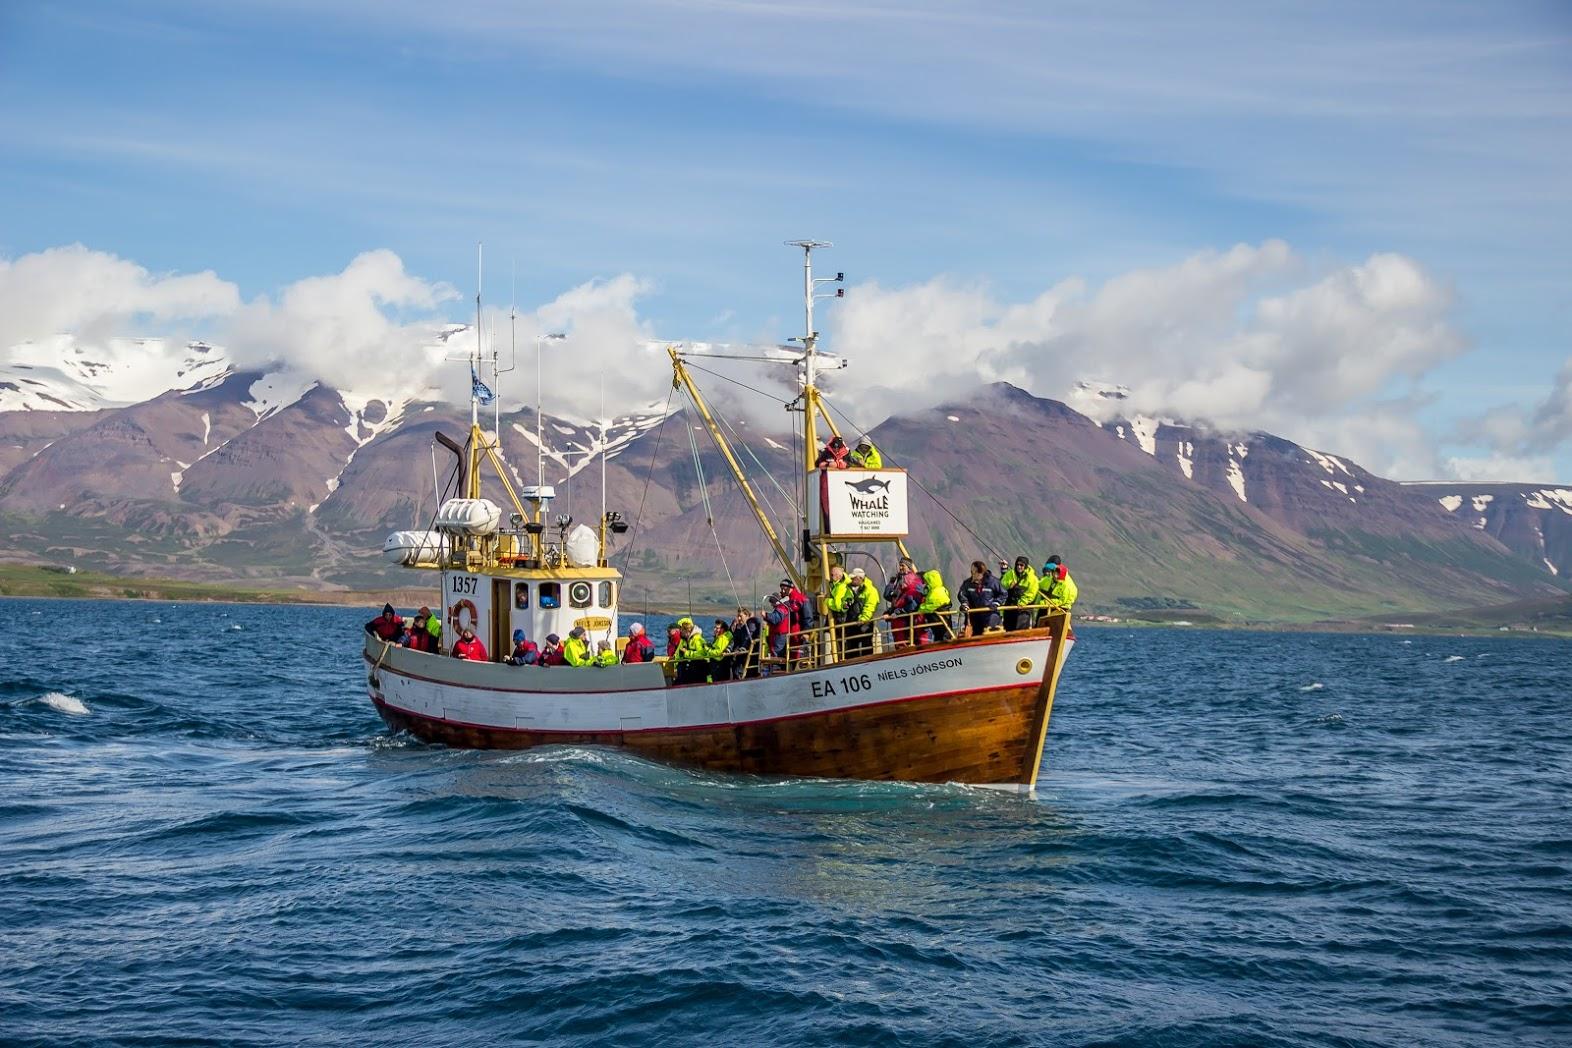 ภาคเหนือของประเทศไอซ์แลนด์นั้นเป็นสถานที่ที่เด็ดในการชมวาฬ และมีโอกาสเห็นได้สูงที่สุด.